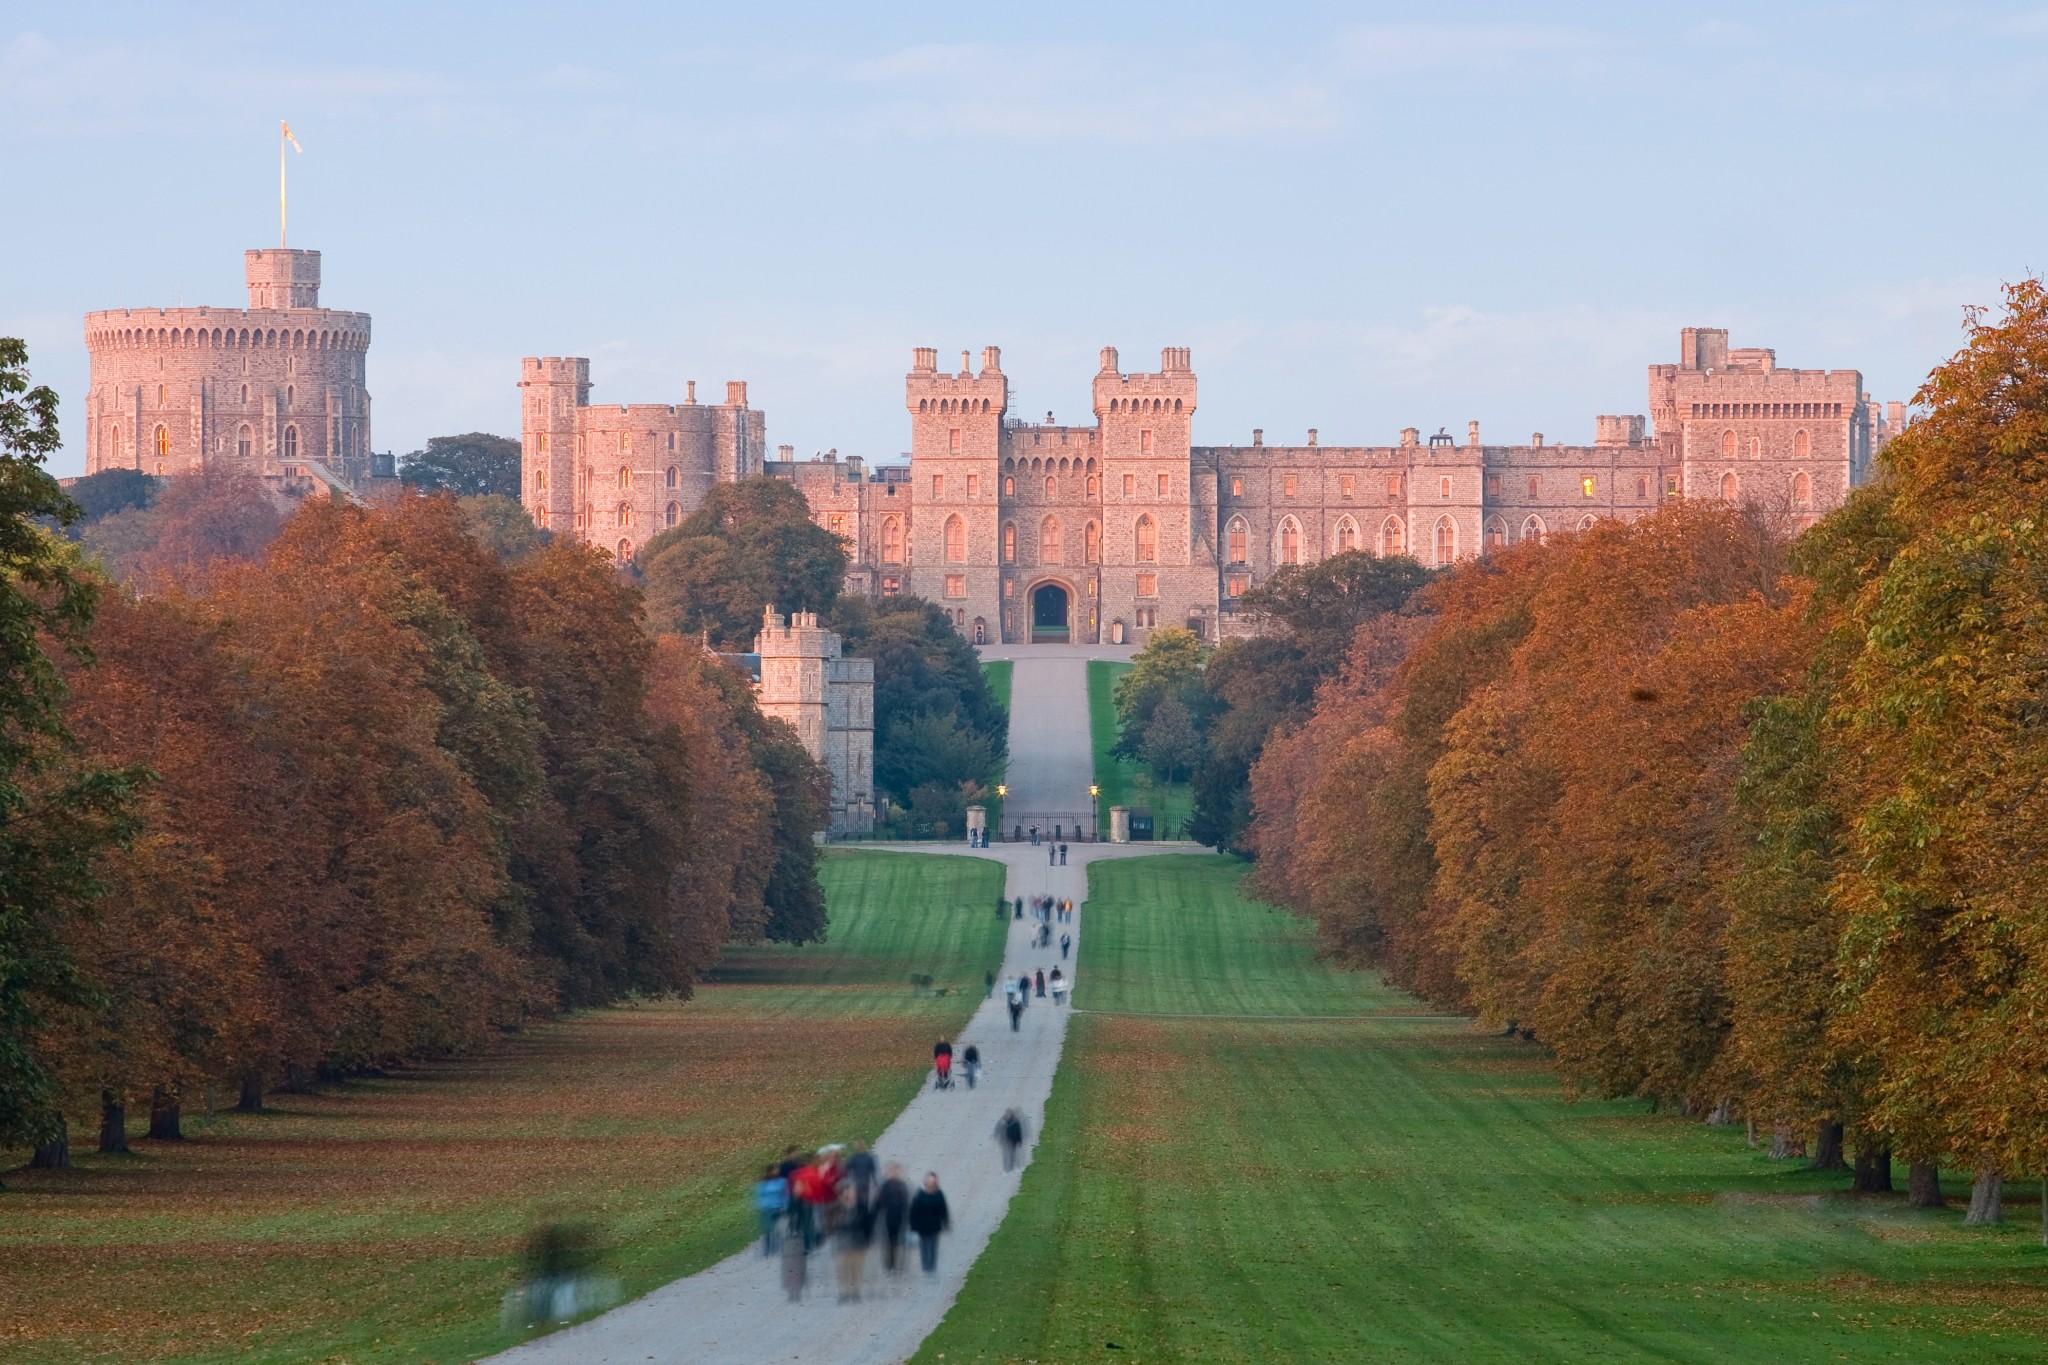 Una vista panorámica del castillo de Windsor